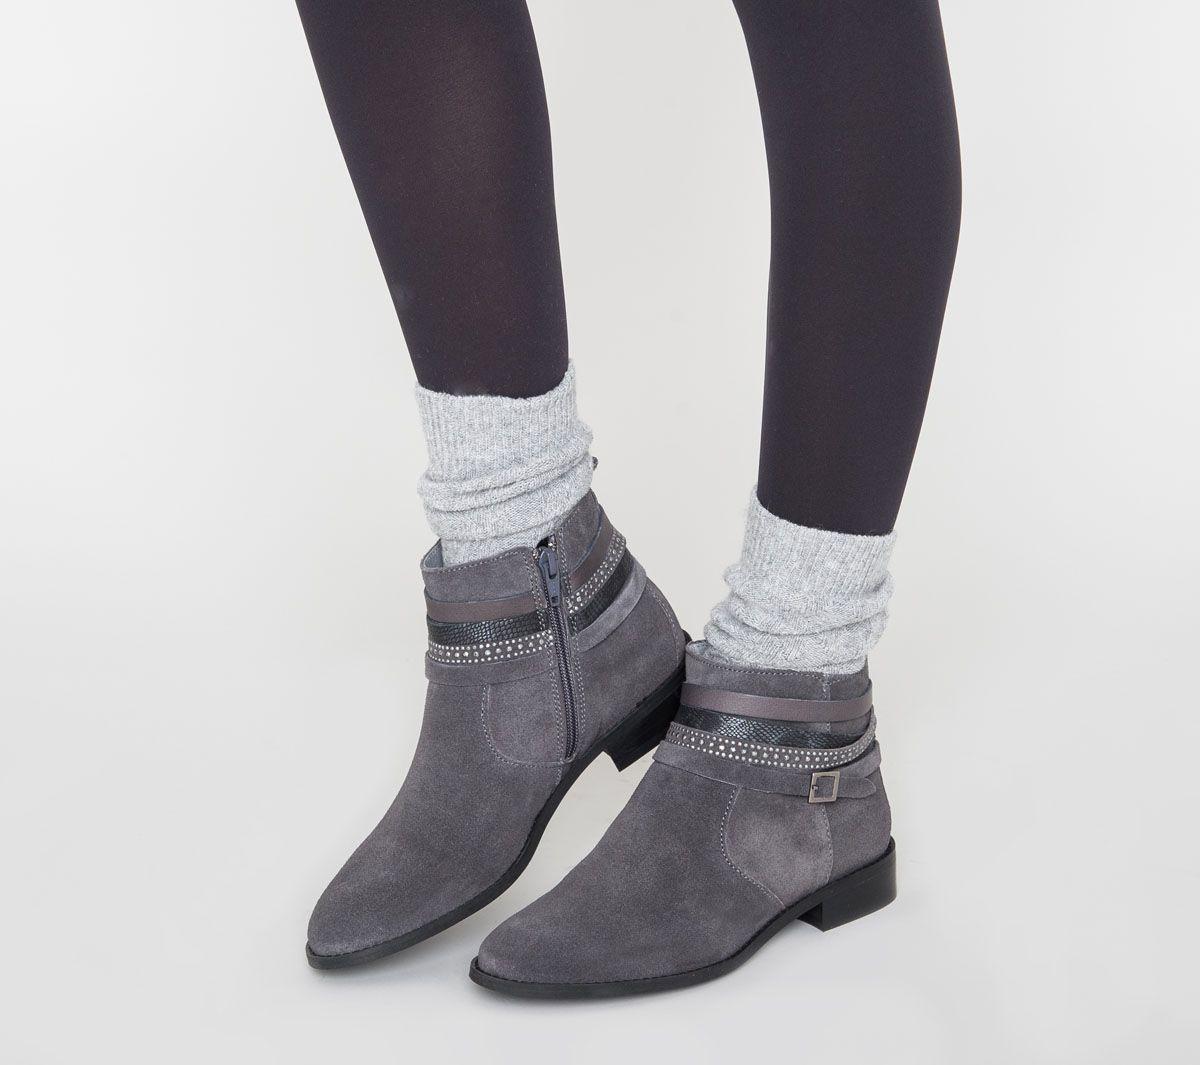 e65e3744561 Boots mutlibrides croûte de cuir gris